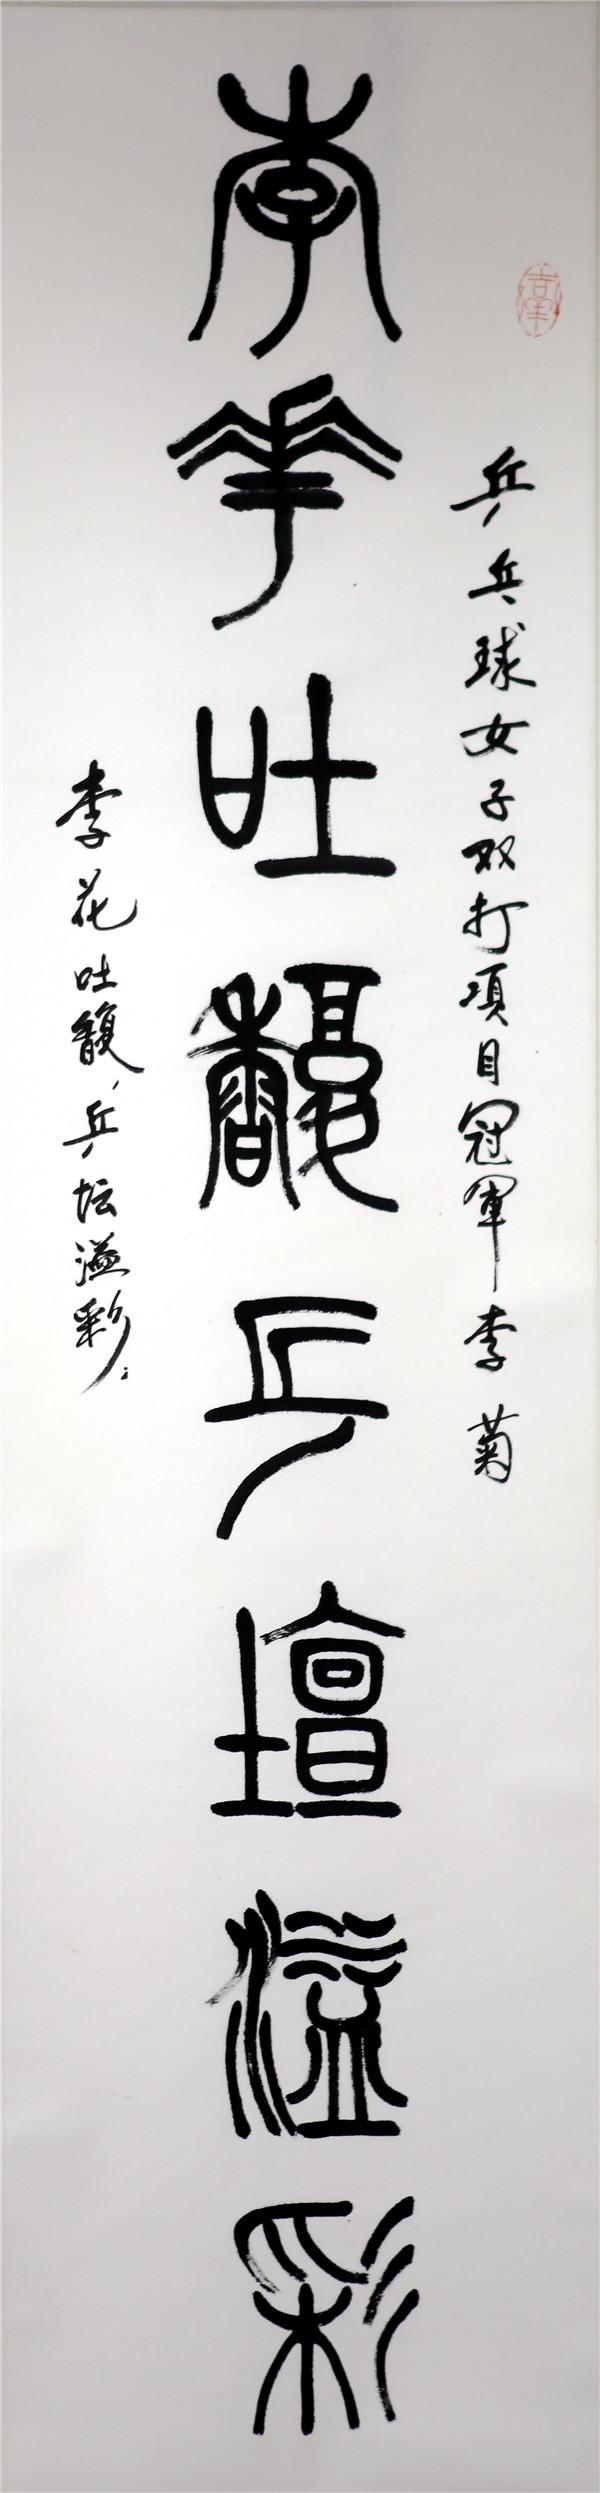 序号361,书录何国衡为江苏奥运冠军李菊嵌名联